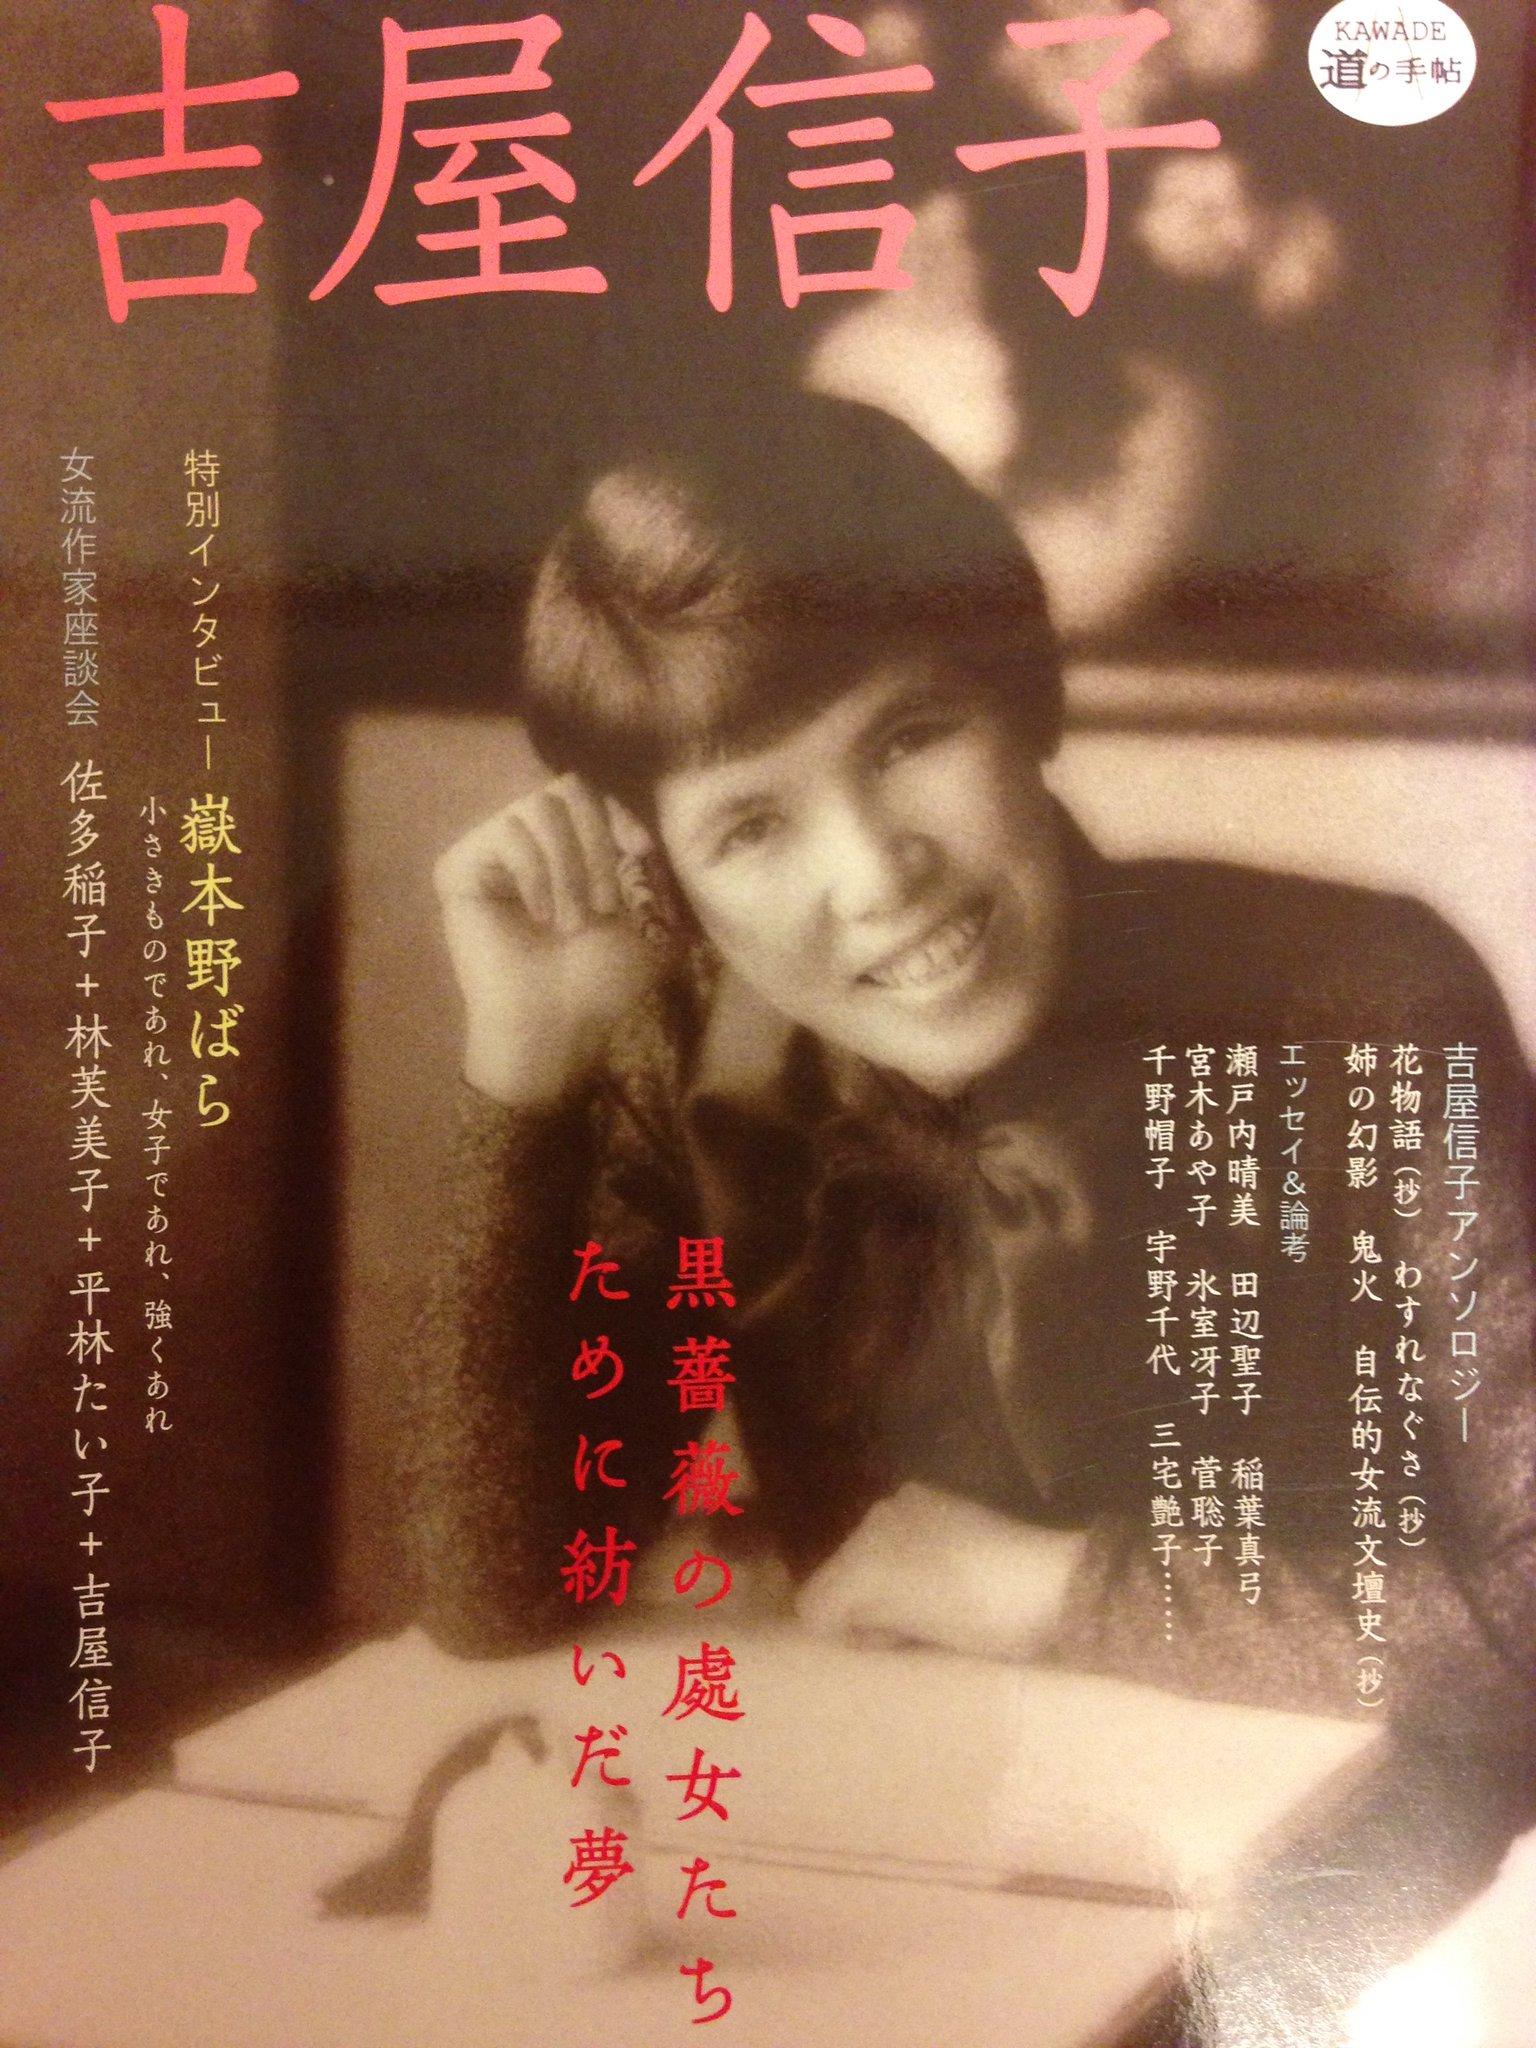 """バディ on Twitter: """"2008年に出版された吉屋信子先生のムック本 ..."""